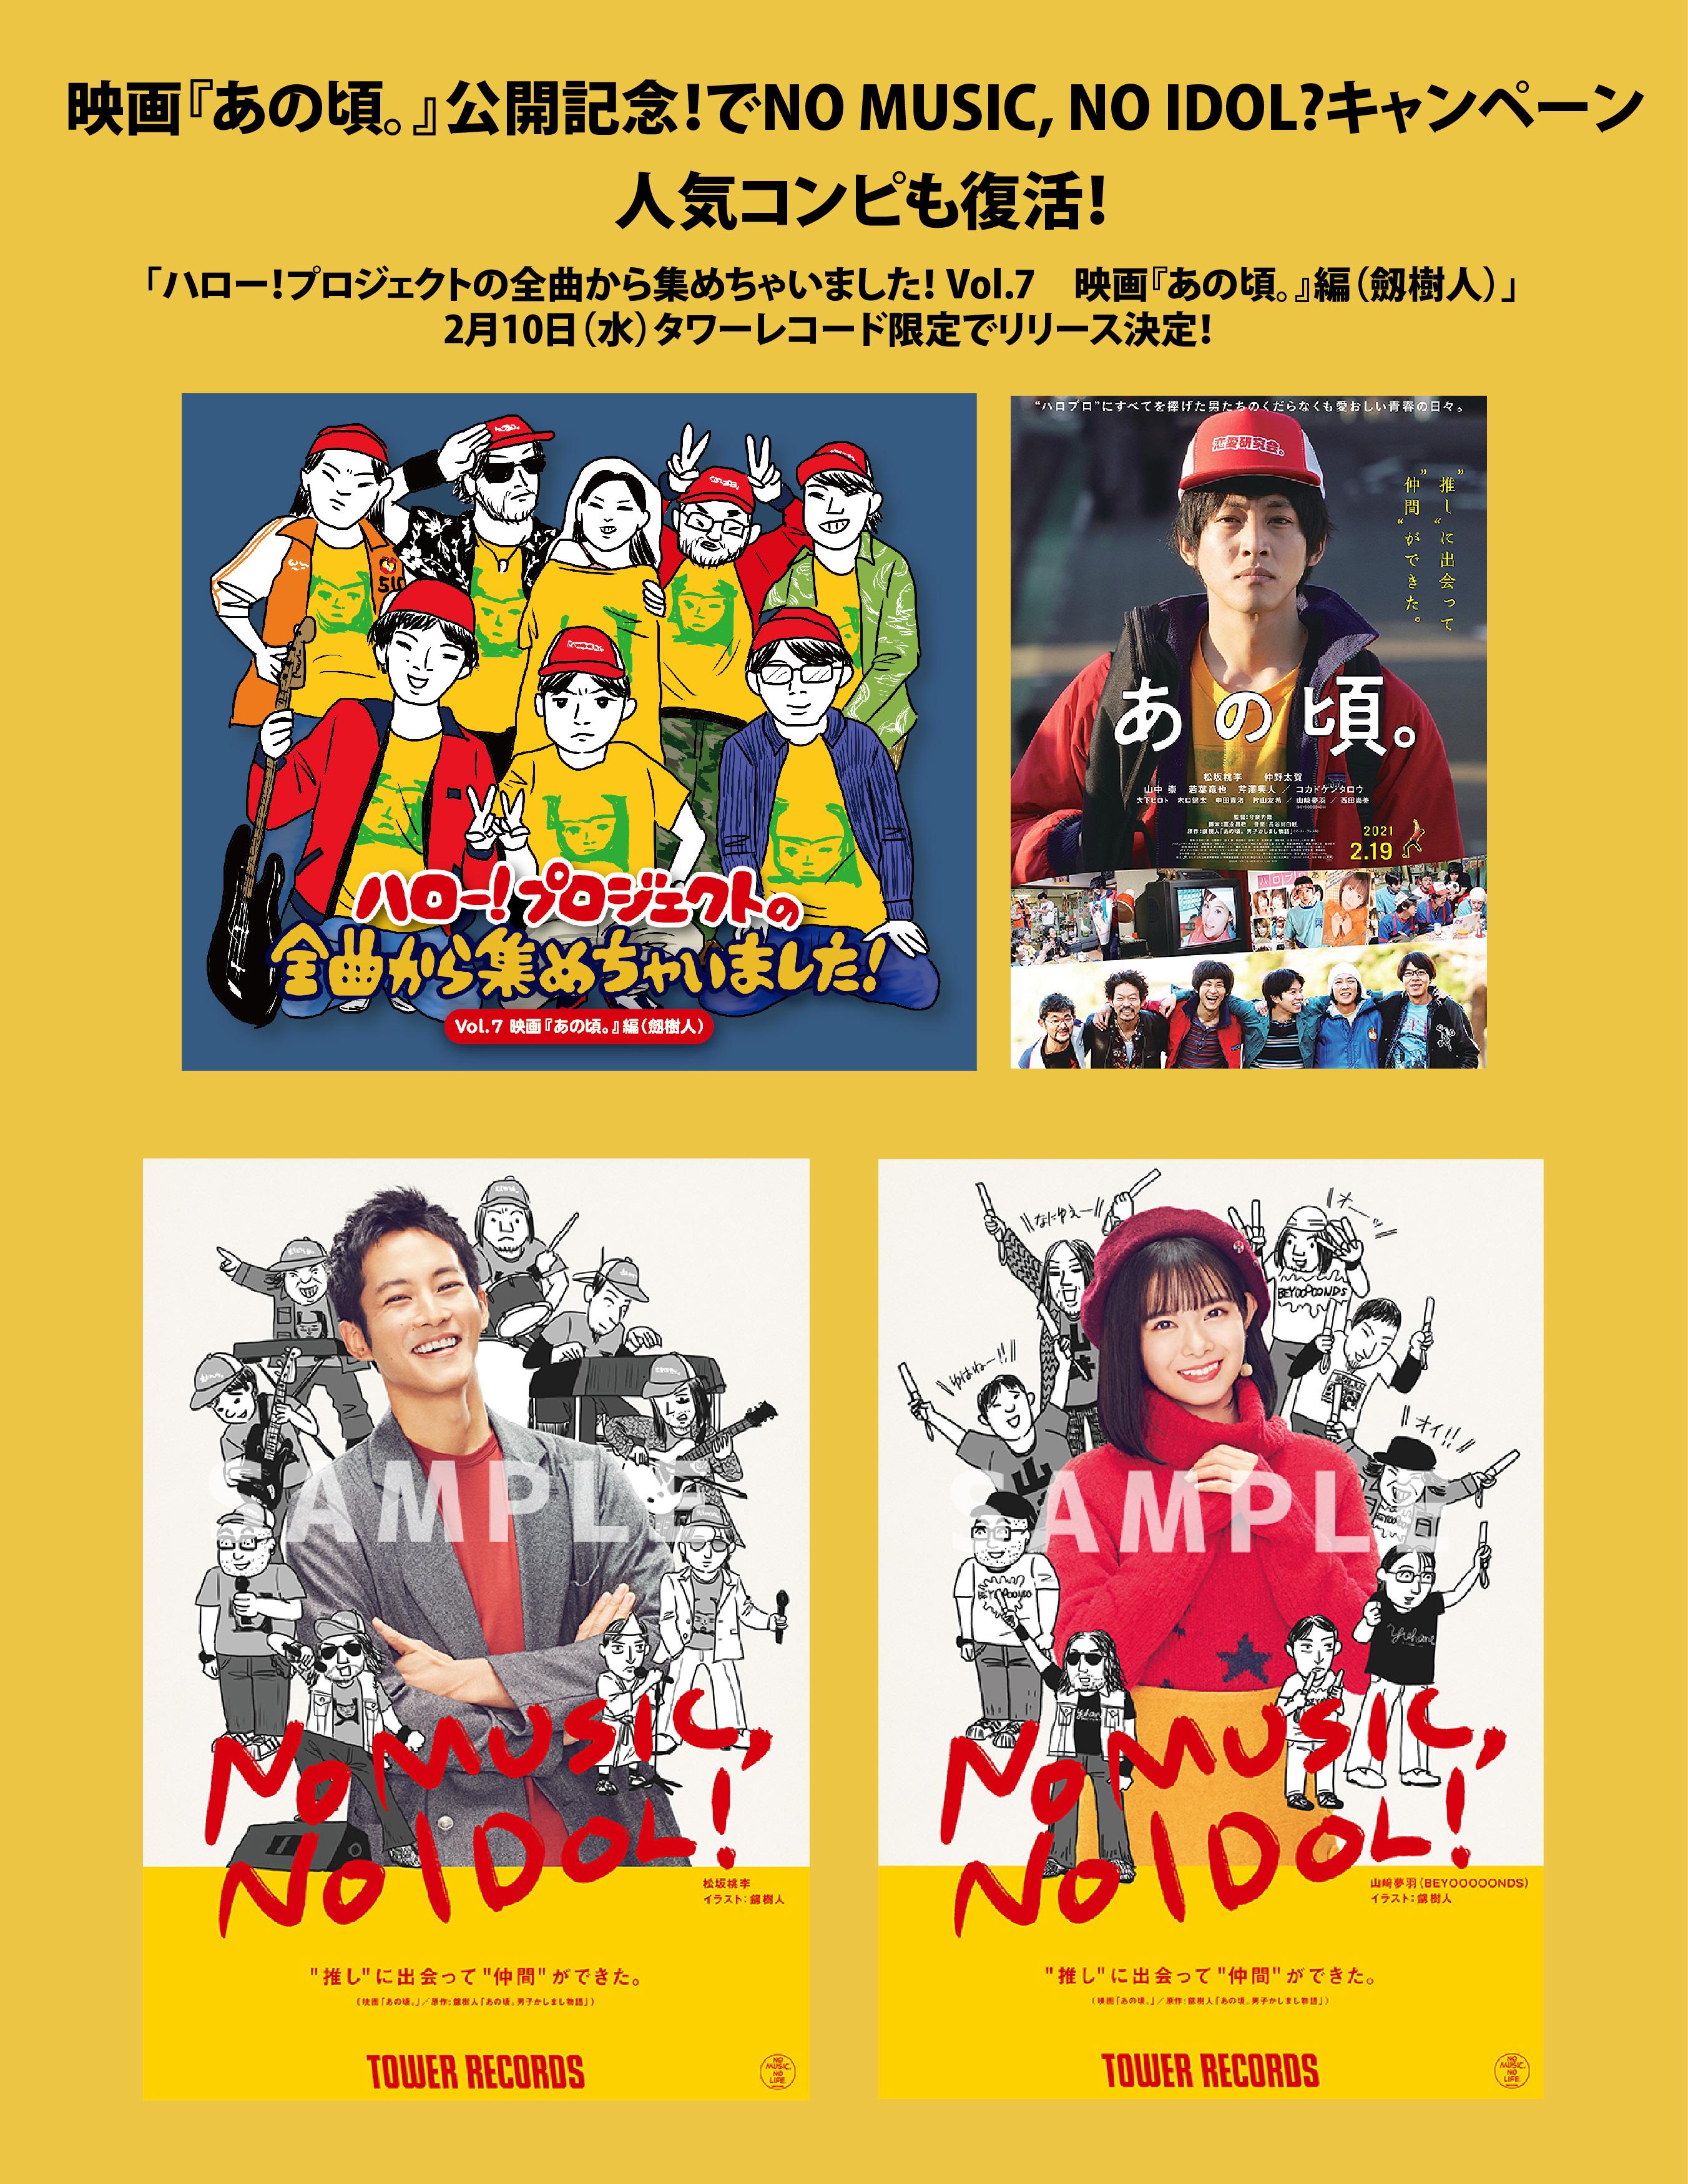 タワレコ企画の人気コンピ「ハロー!プロジェクトの全曲から集めちゃいました! Vol.7 映画『あの頃。』編(劔樹人)」2/10発売!NO MUSIC, NO IDOL?キャンペーンも!